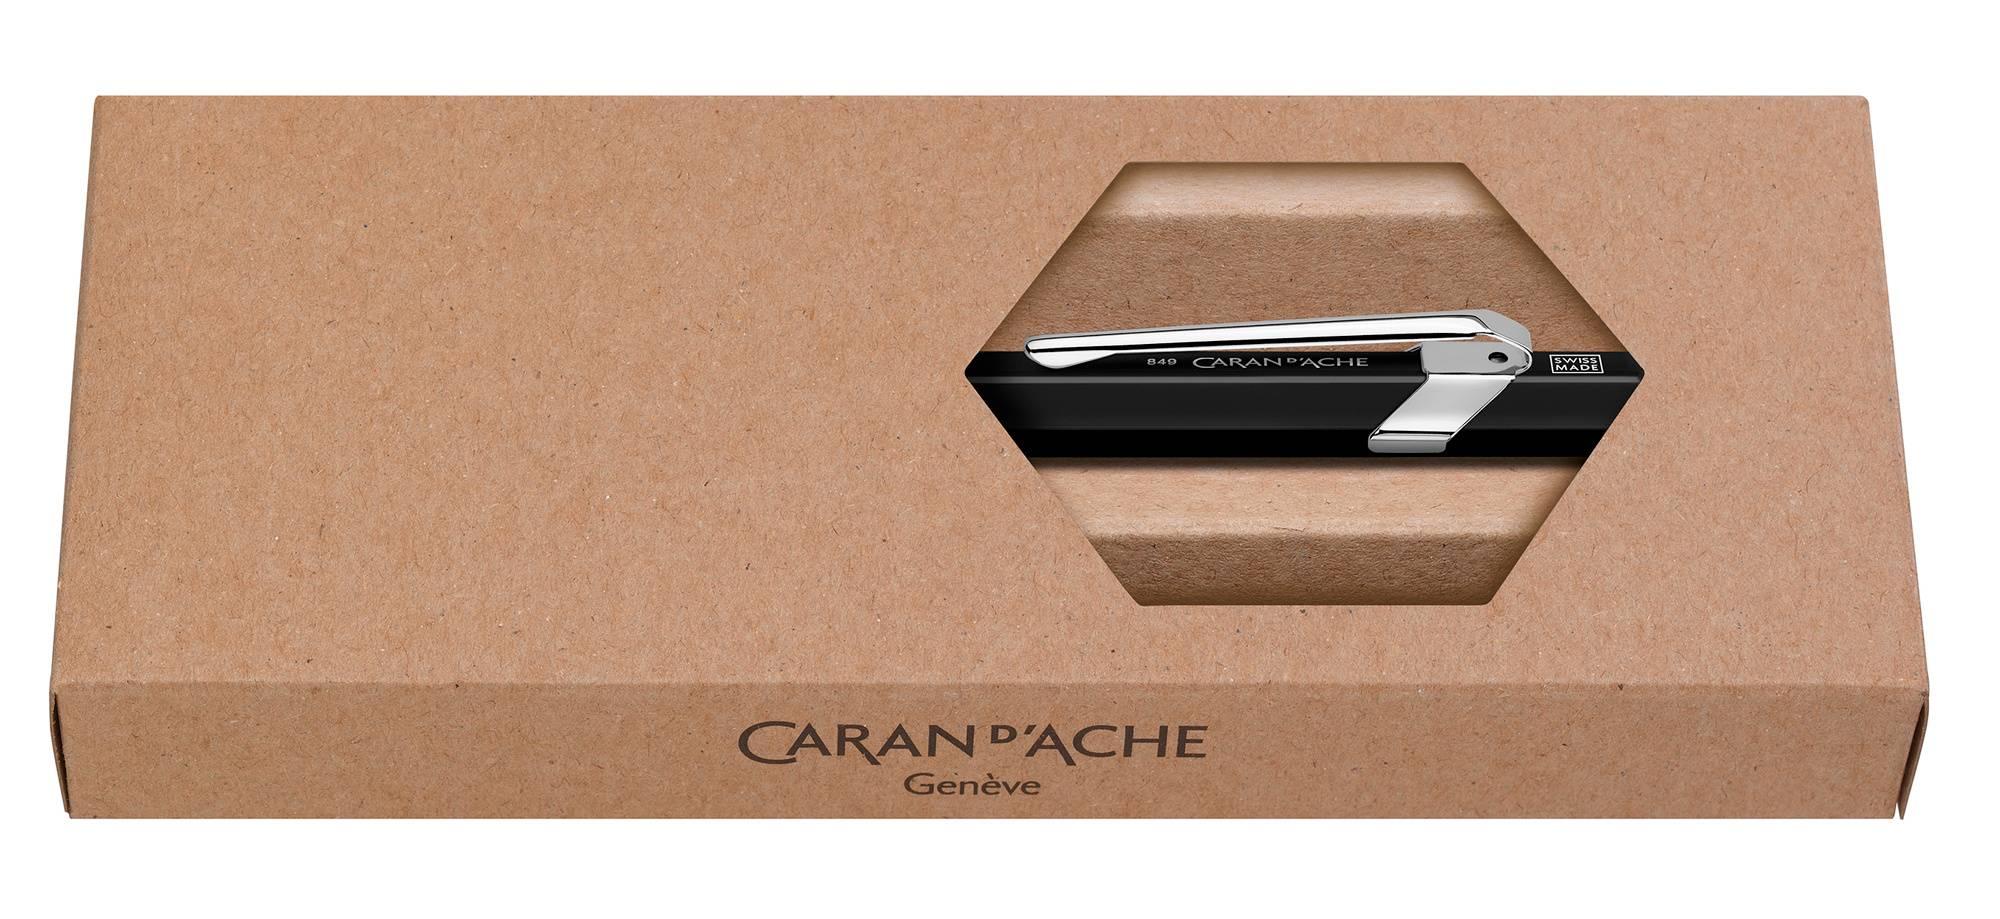 Карандаш механический Carandache Office CLASSIC 844.009_PLGB черный - фото 2